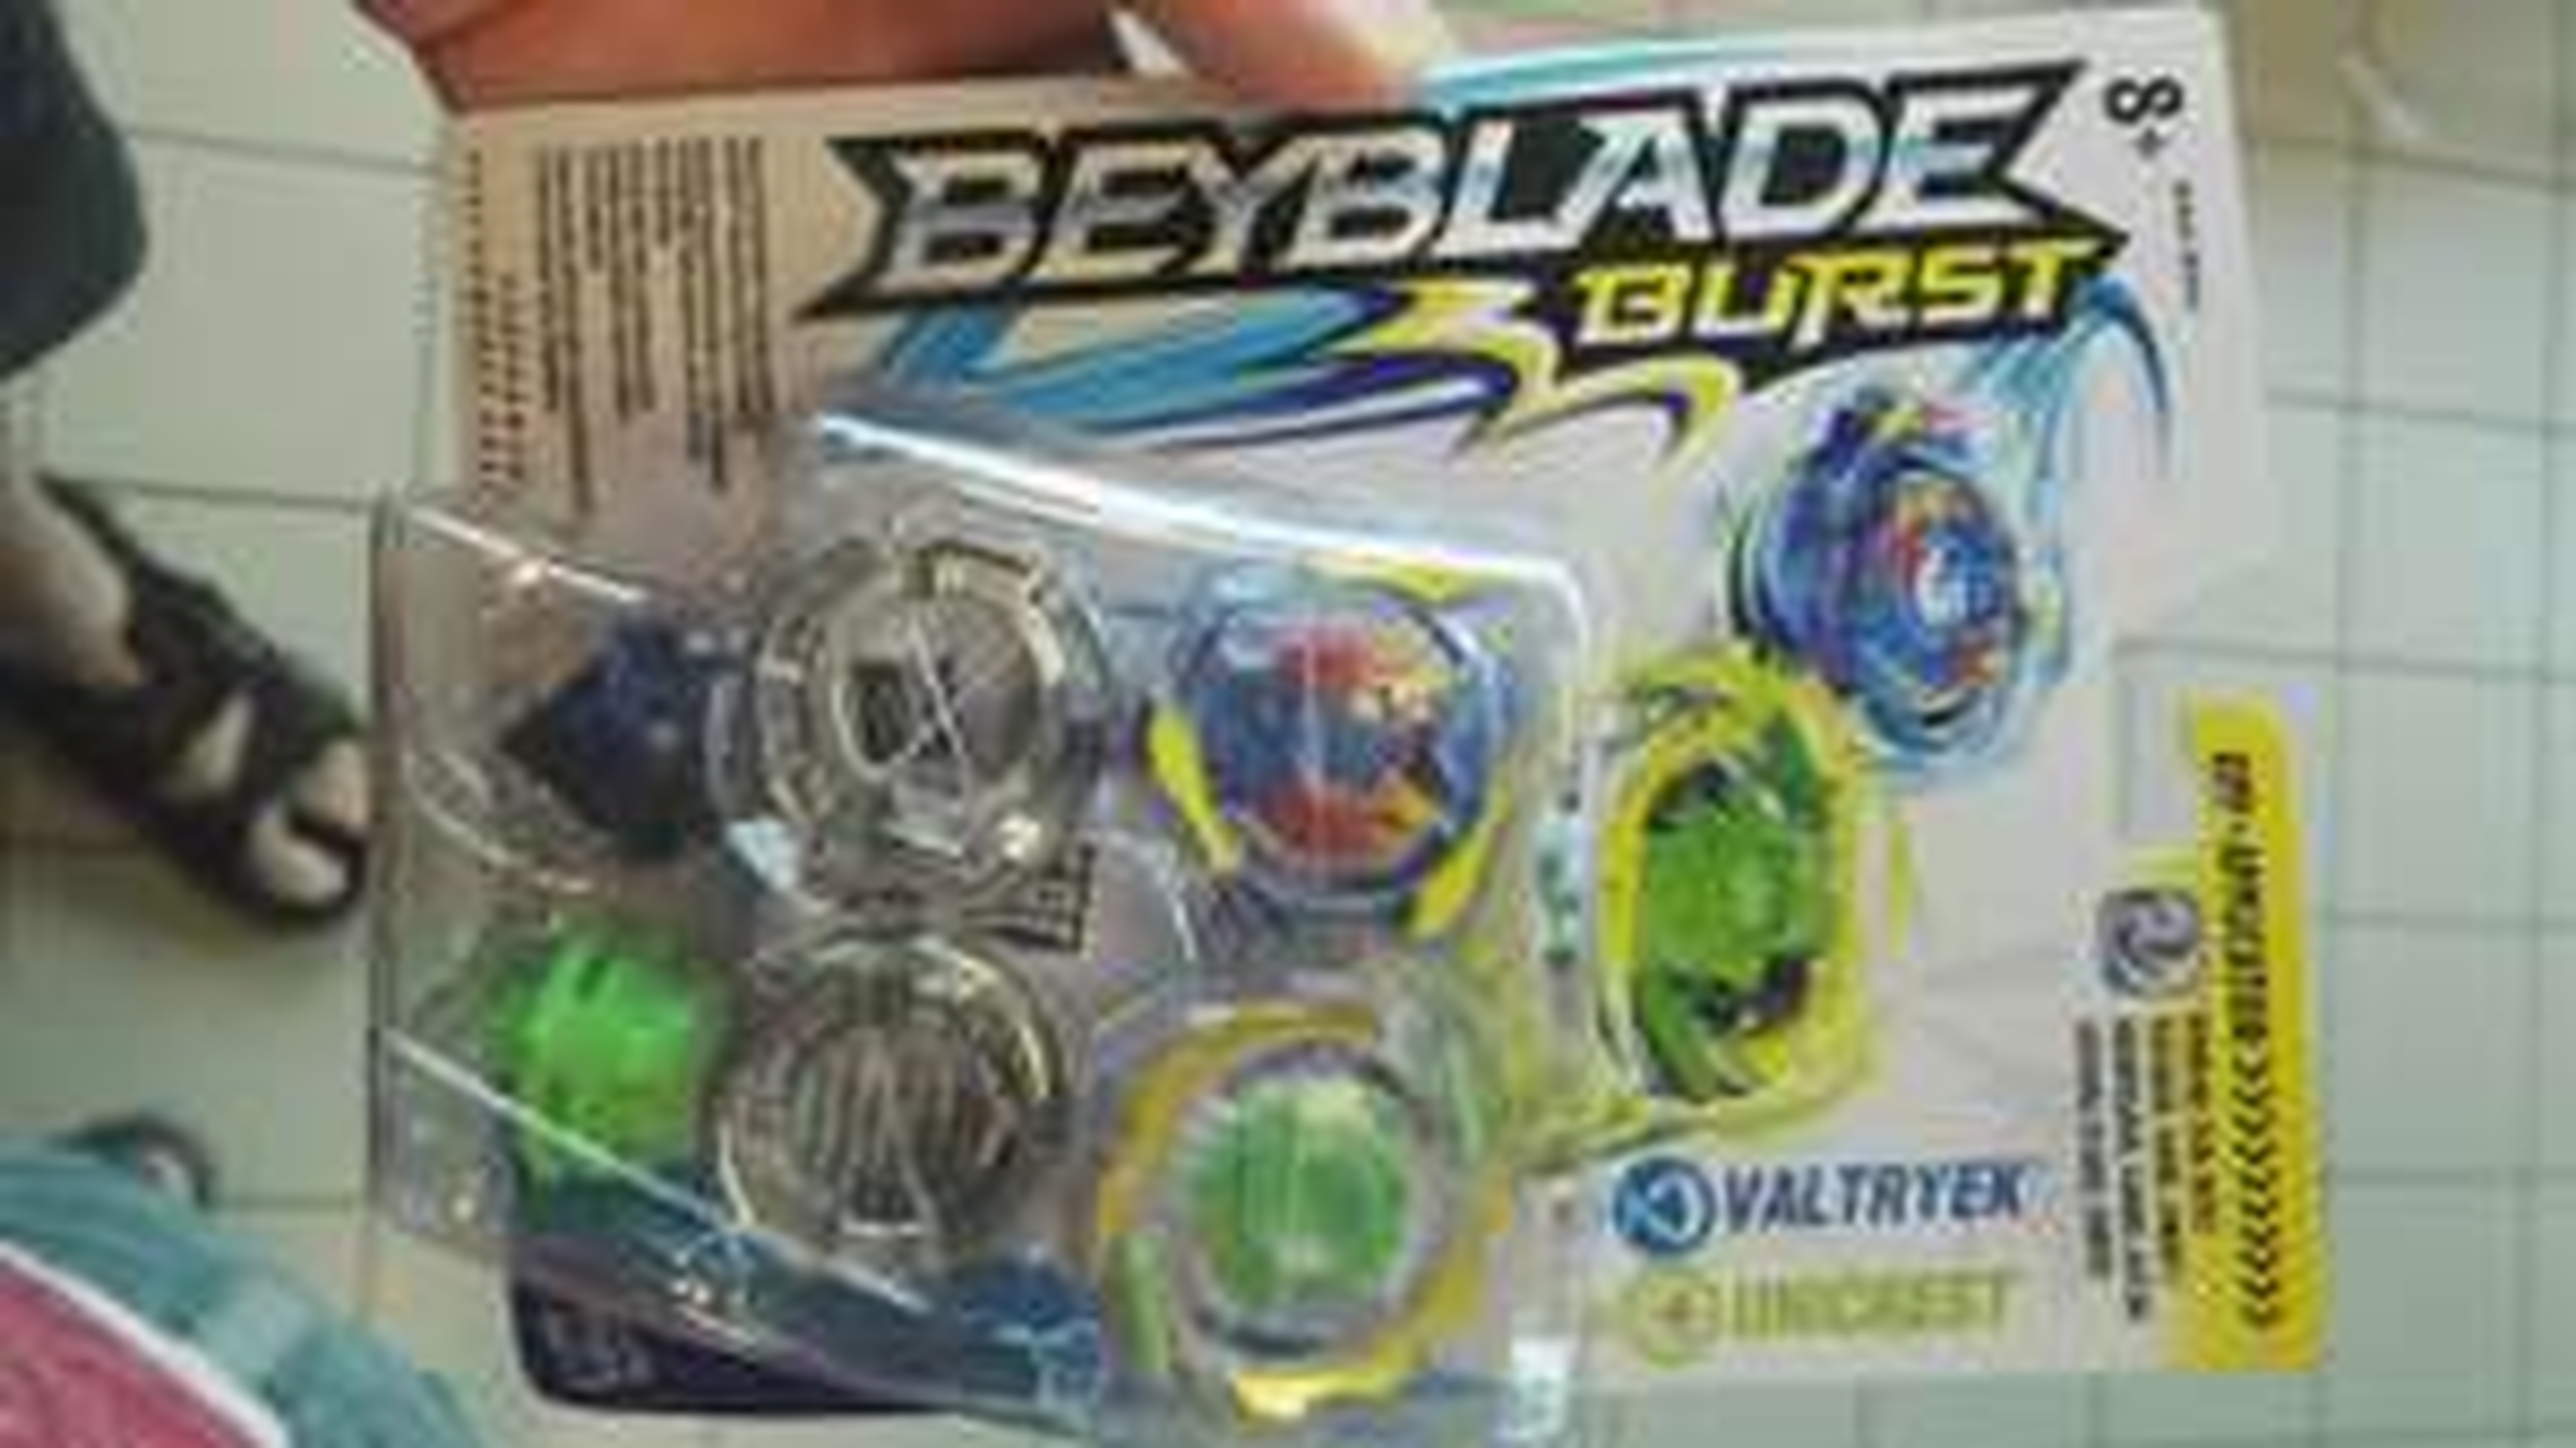 Sélection de Toupies Beyblades Burst à 1€ - Auray (56)